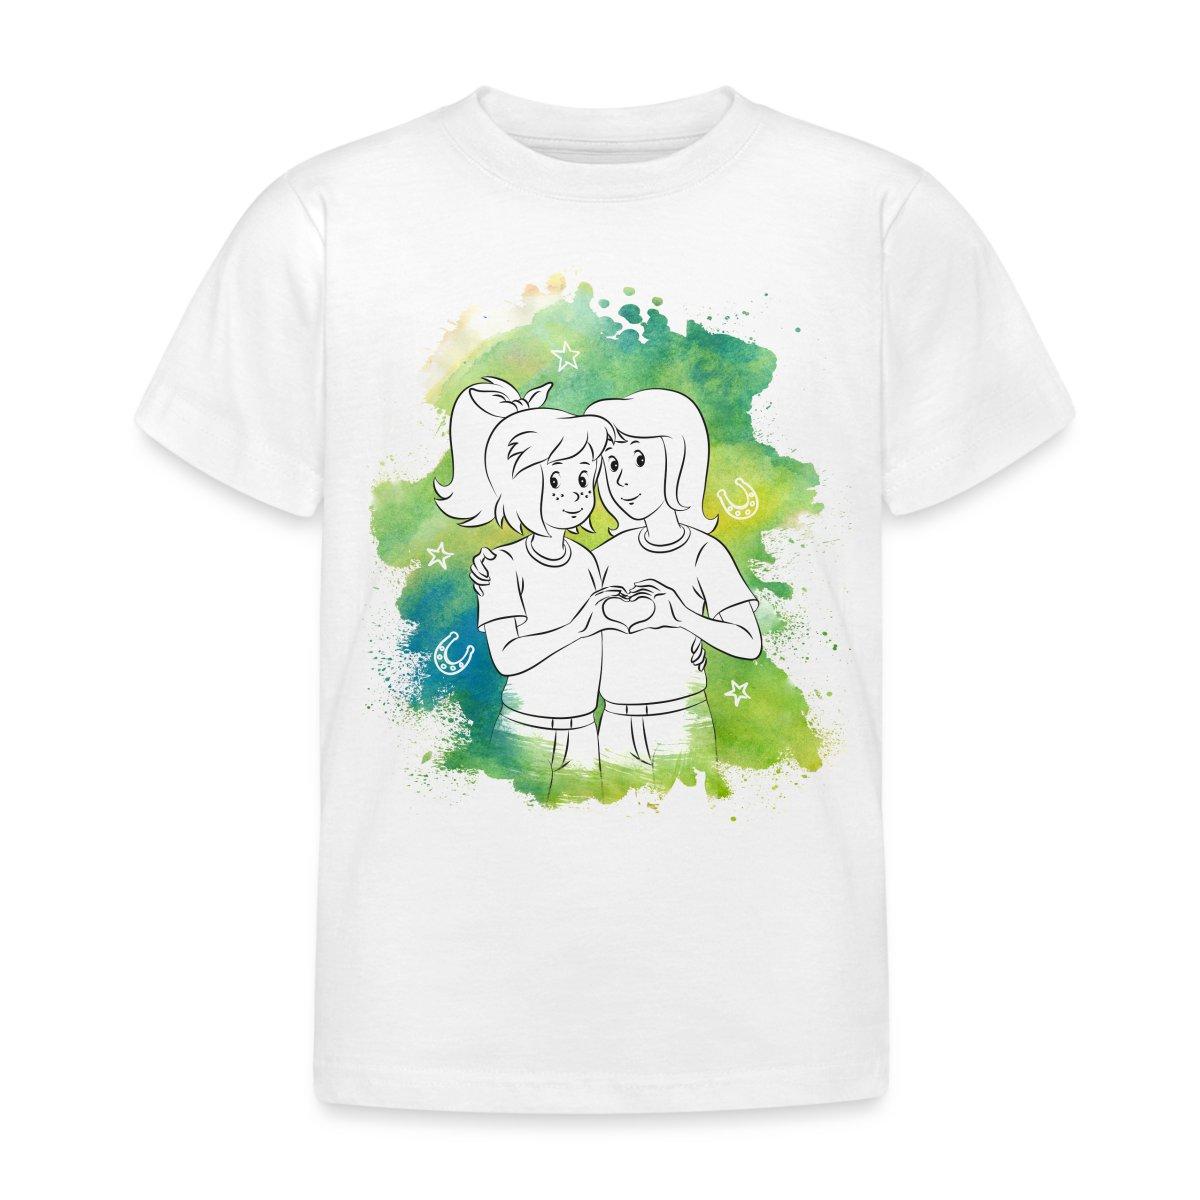 Bibi-Und-Tina-Beste-Freundinnen-Herz-Line-Art-Kinder-T-Shirt-von-Spreadshirt